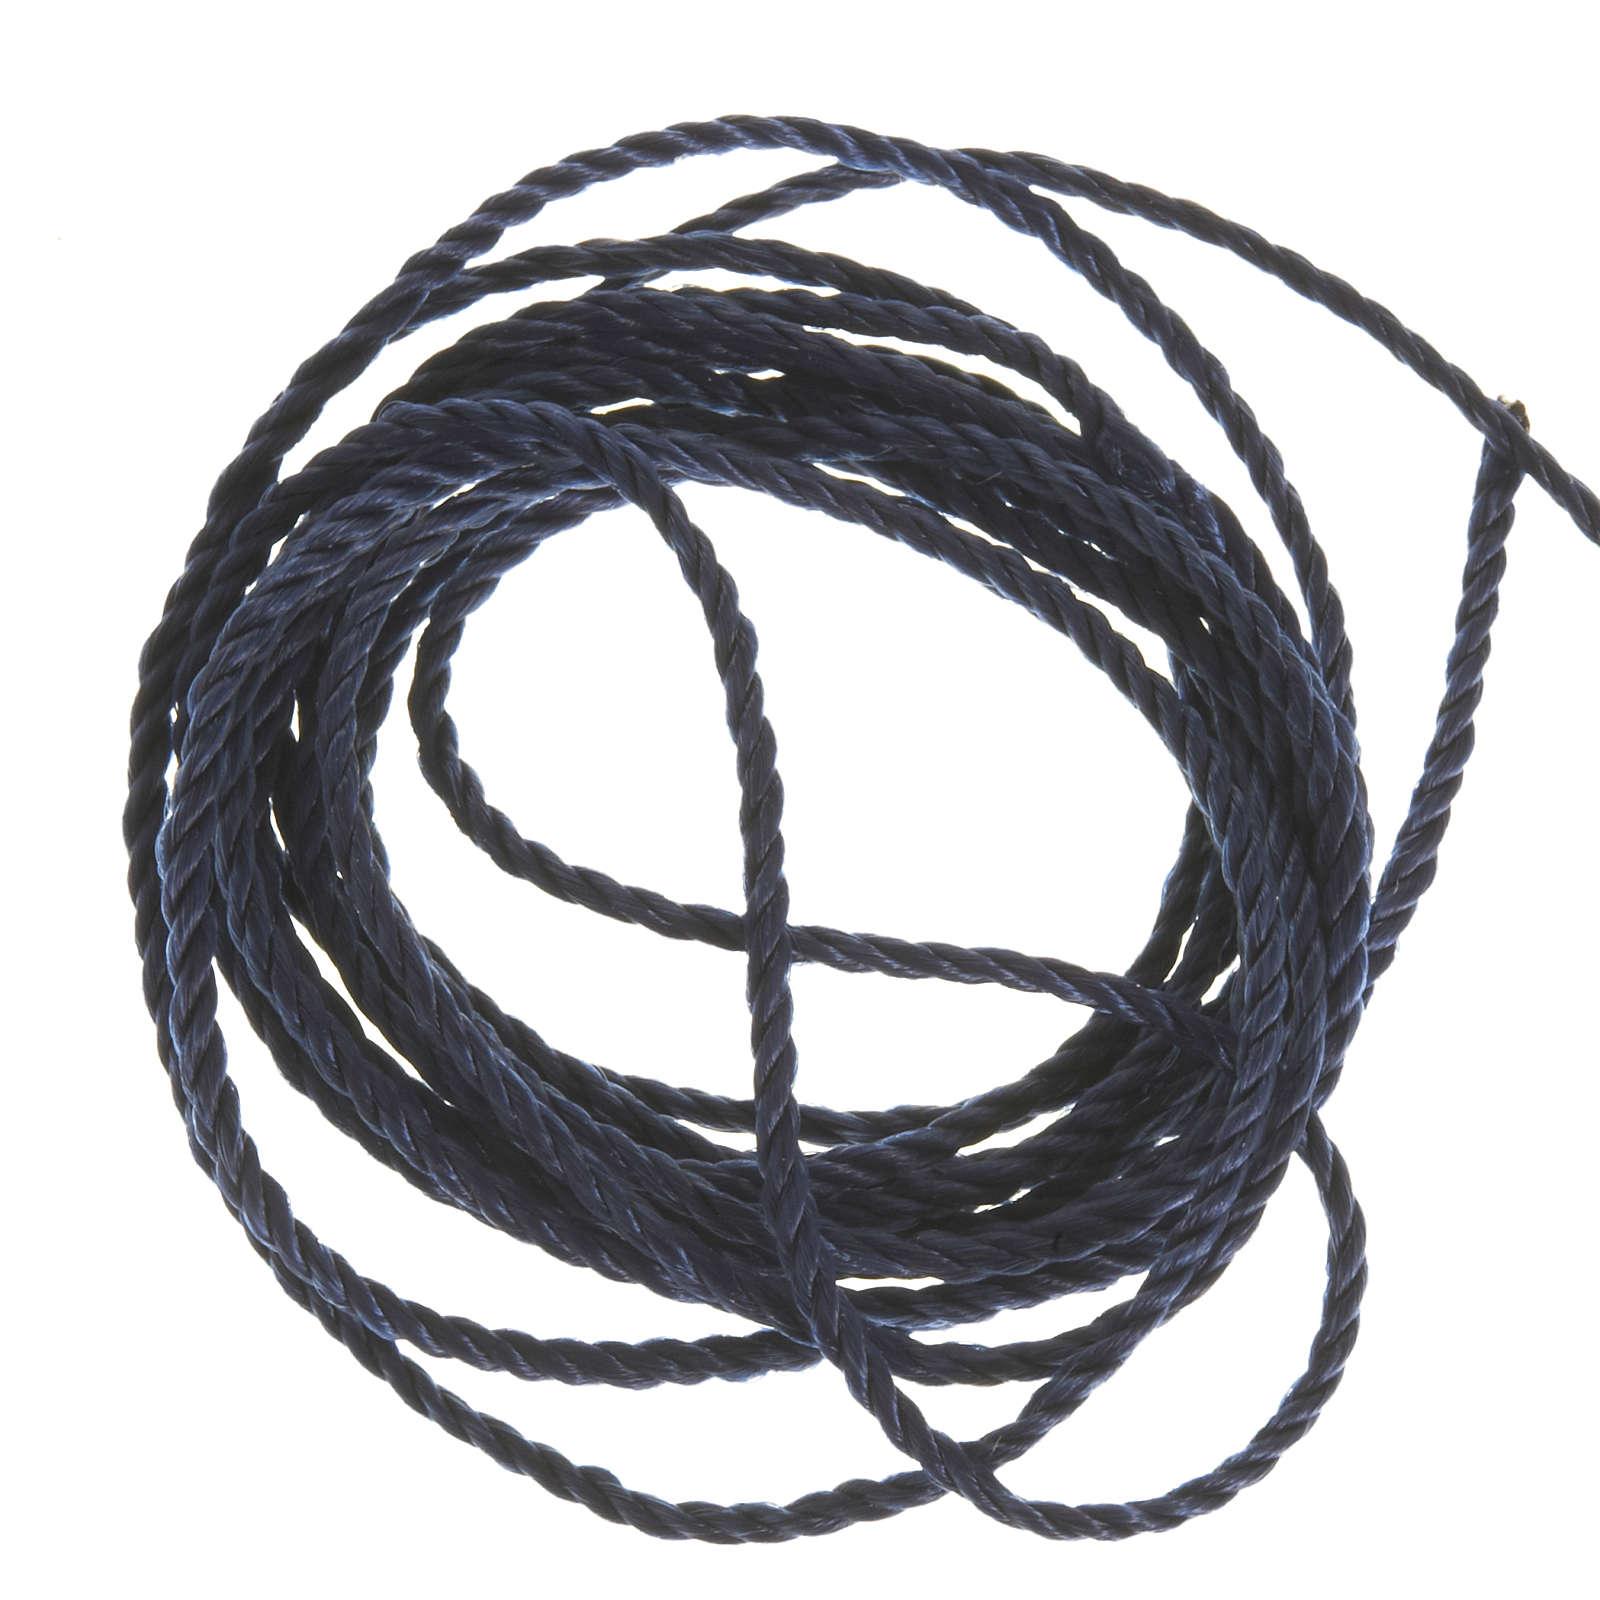 Corda blu scuro per rosari fai da te 4